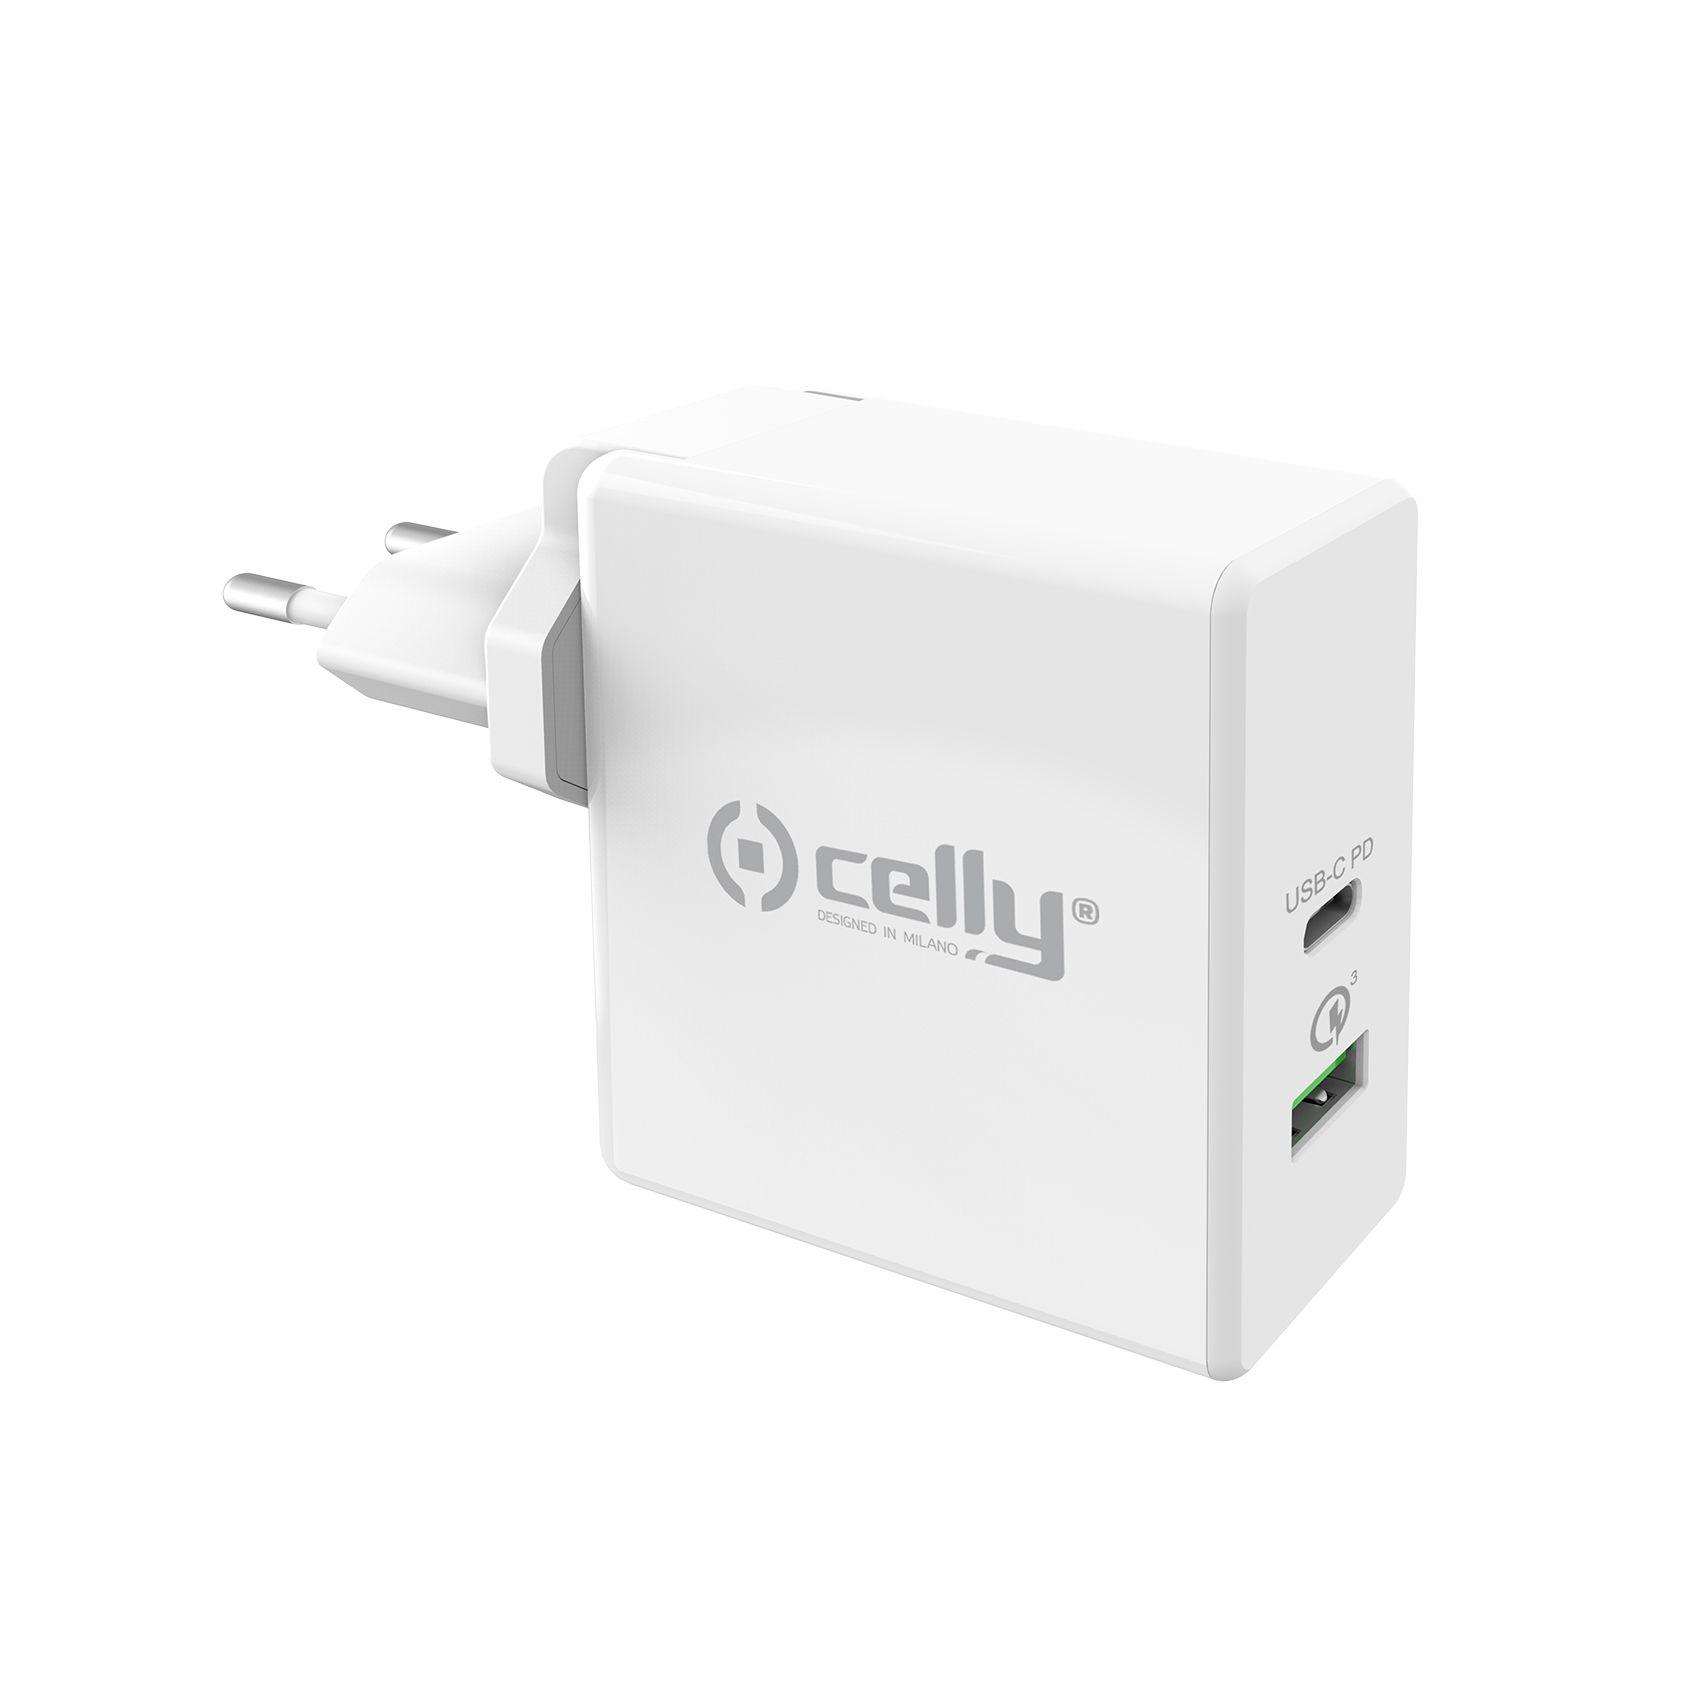 Cestovní nabíječka CELLY PRO POWER s USB-C (PD) a USB portem, Qualcomm Quick Charge 3.0, 30W max, bílá